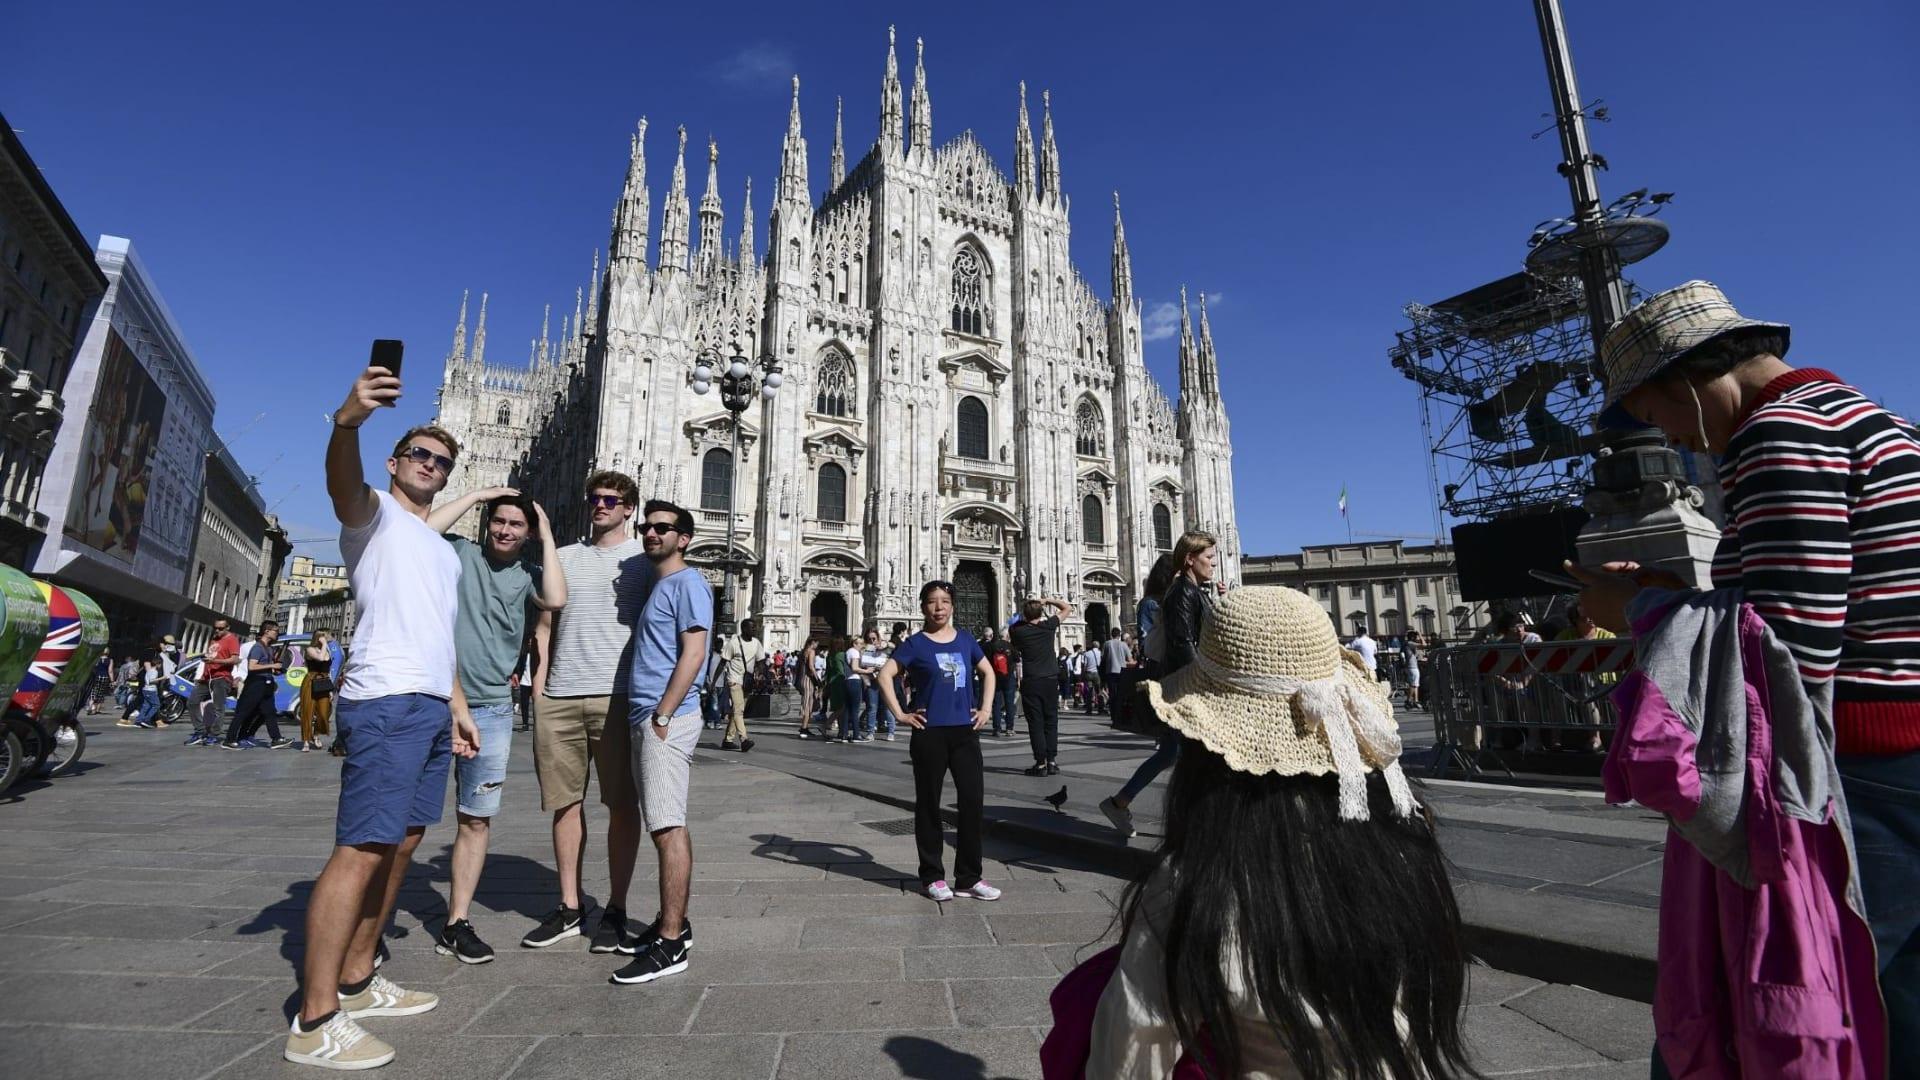 مدن إيطاليا تتحول لمدن أشباح وسط الإغلاق الثاني بسبب كورونا